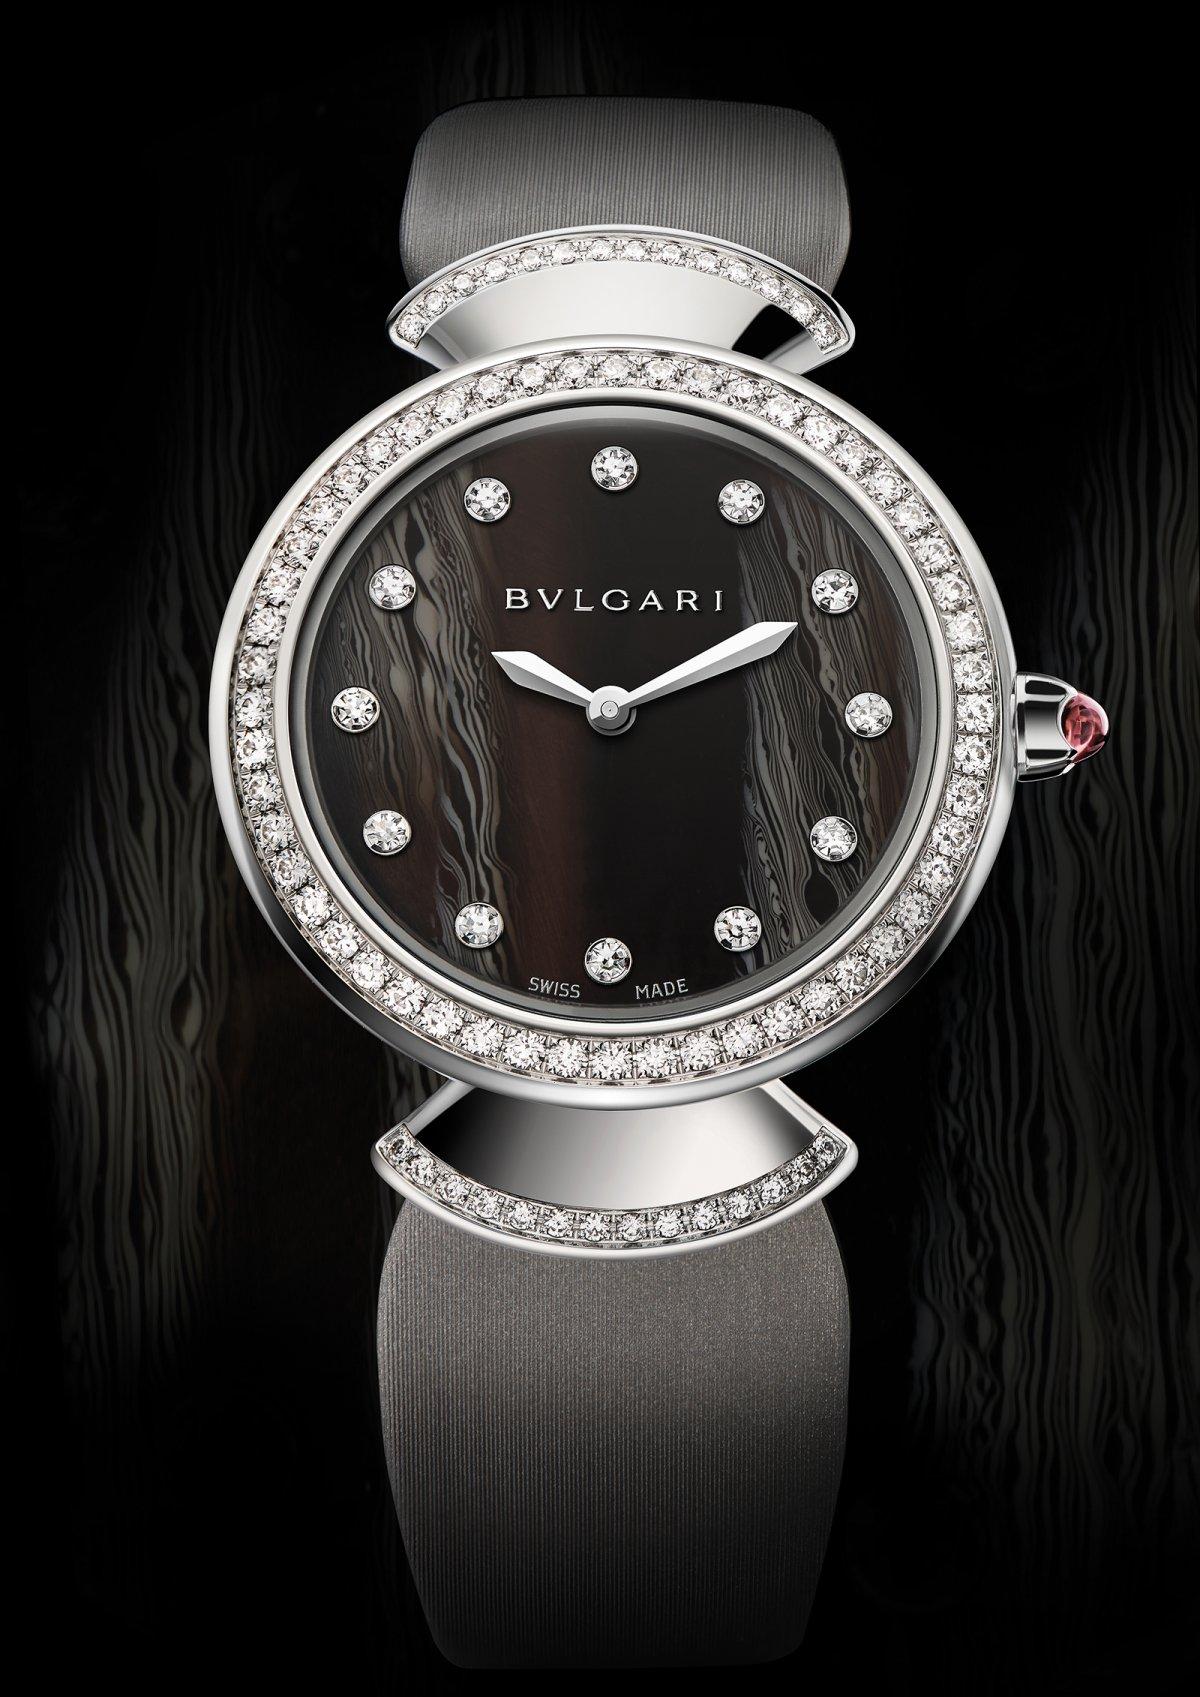 Avec Diva, Bulgari surprend et innove également en termes de création  horlogère en faisant le choix étonnant d un cadran en acétate naturelle. 44500406e20